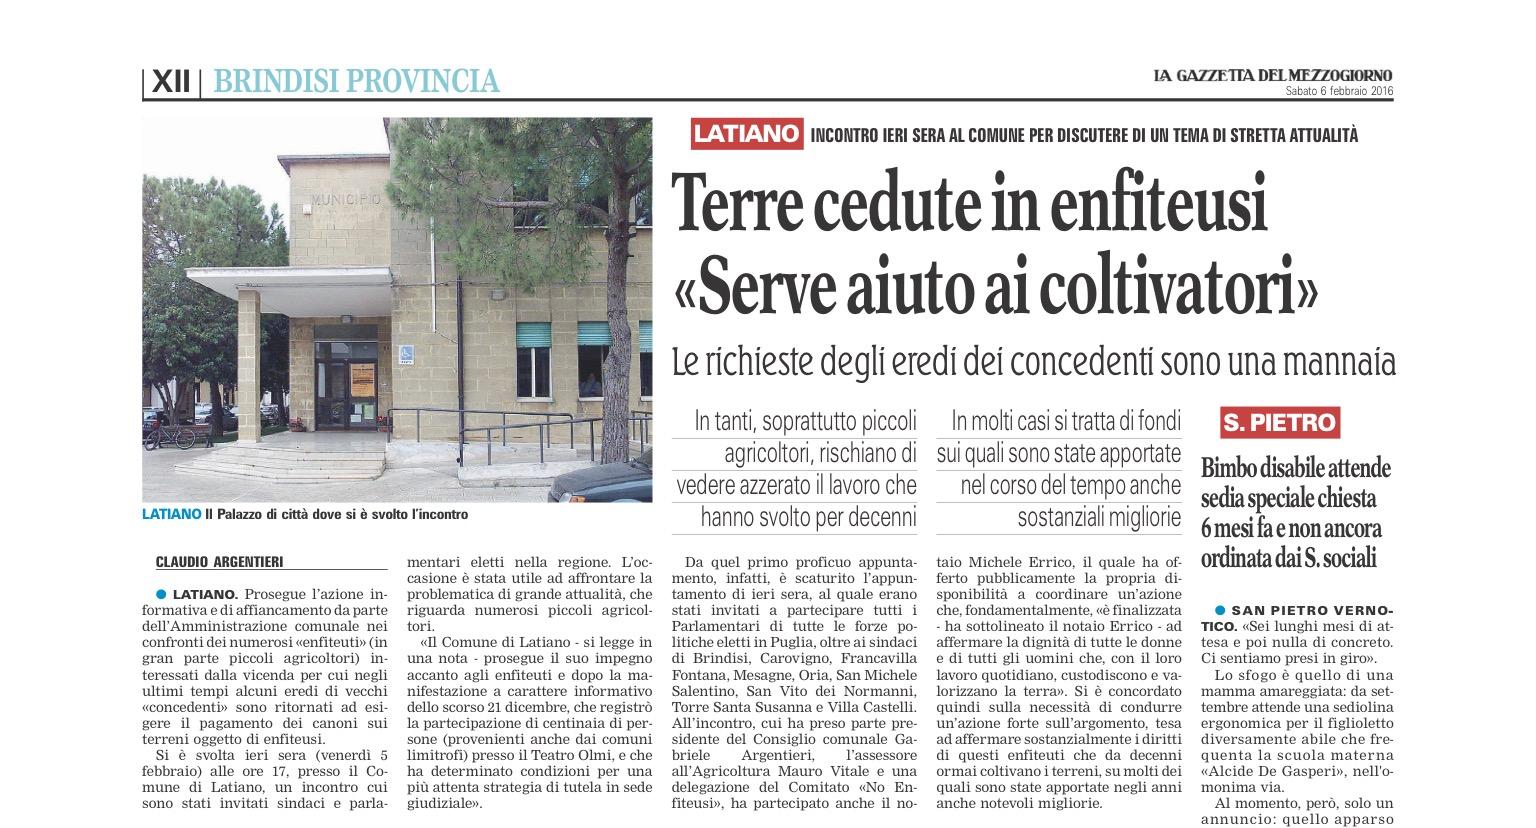 La Gazzetta del Mezzogiorno - 06.02.2016